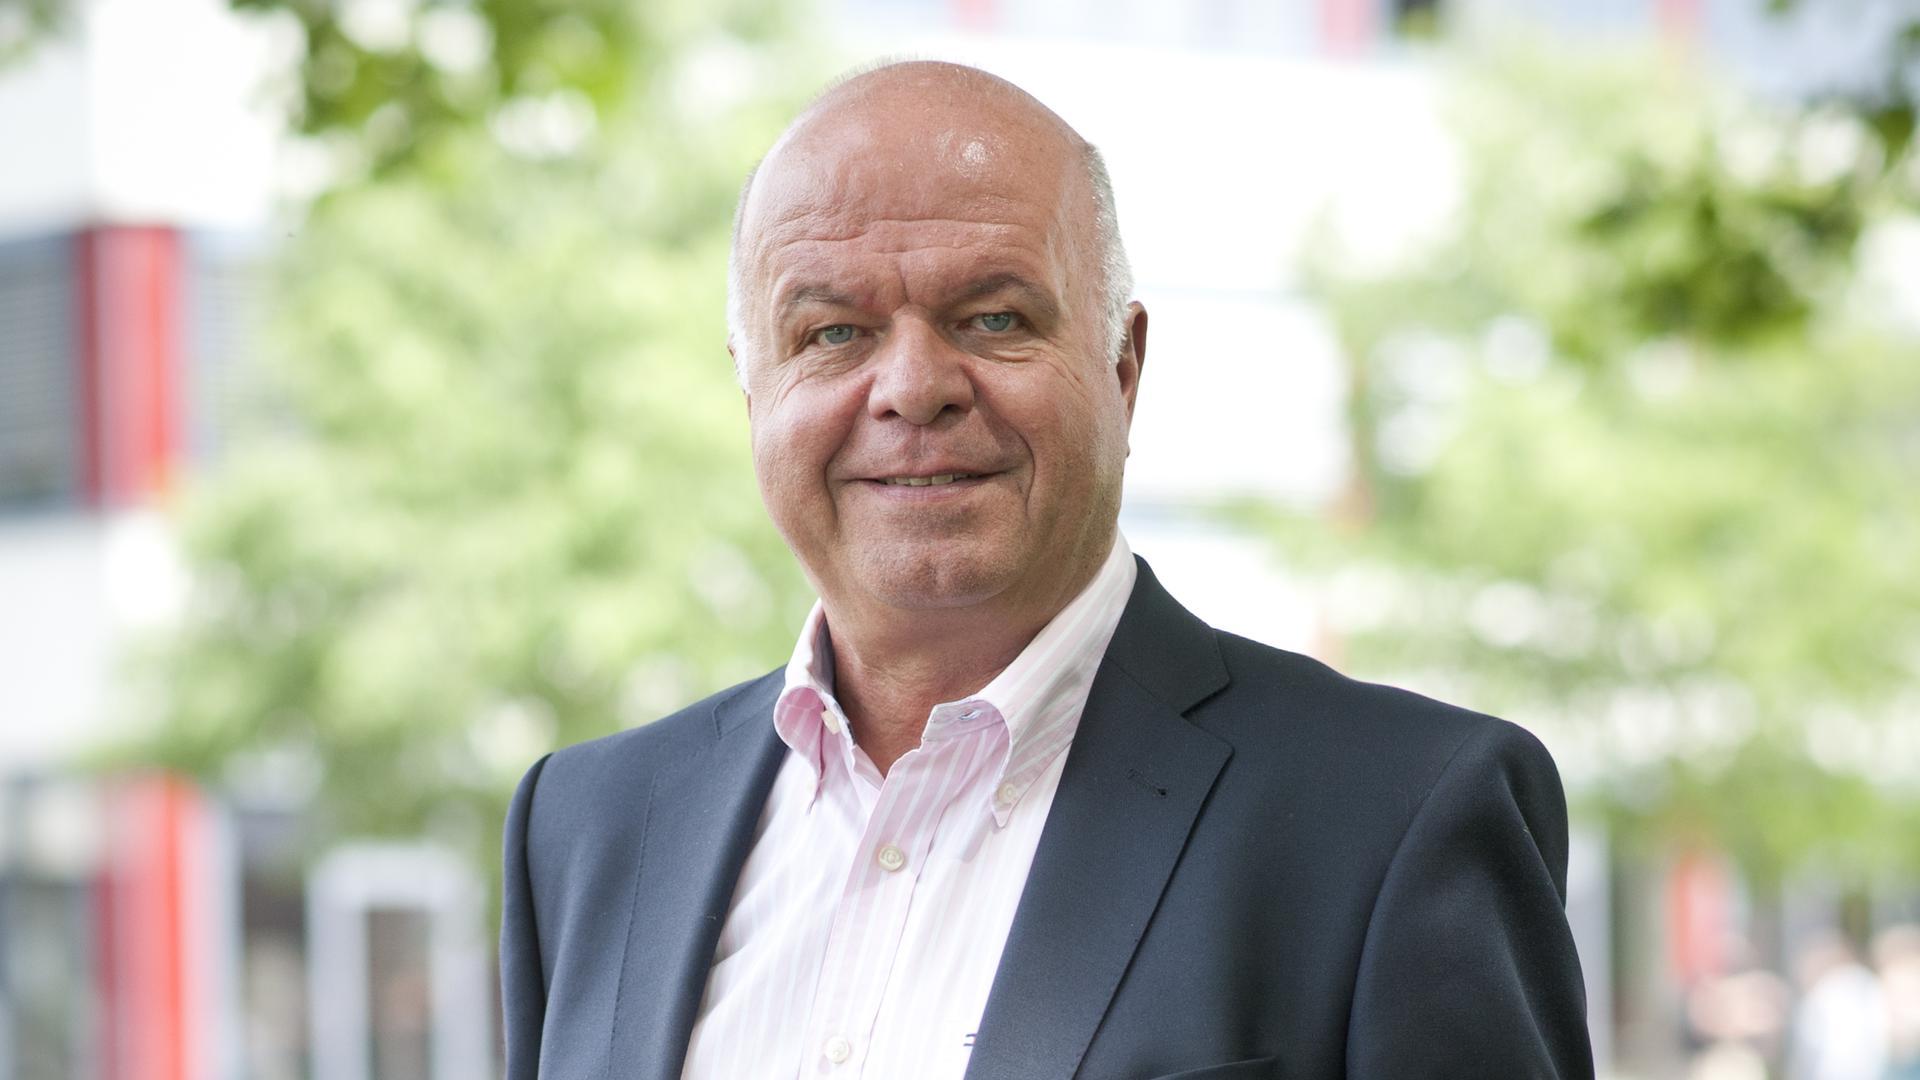 Paul Witt ist Experte für Bürgermeister-Forschung und ehemaliger Rektor der Verwaltungshochschule Kehl.